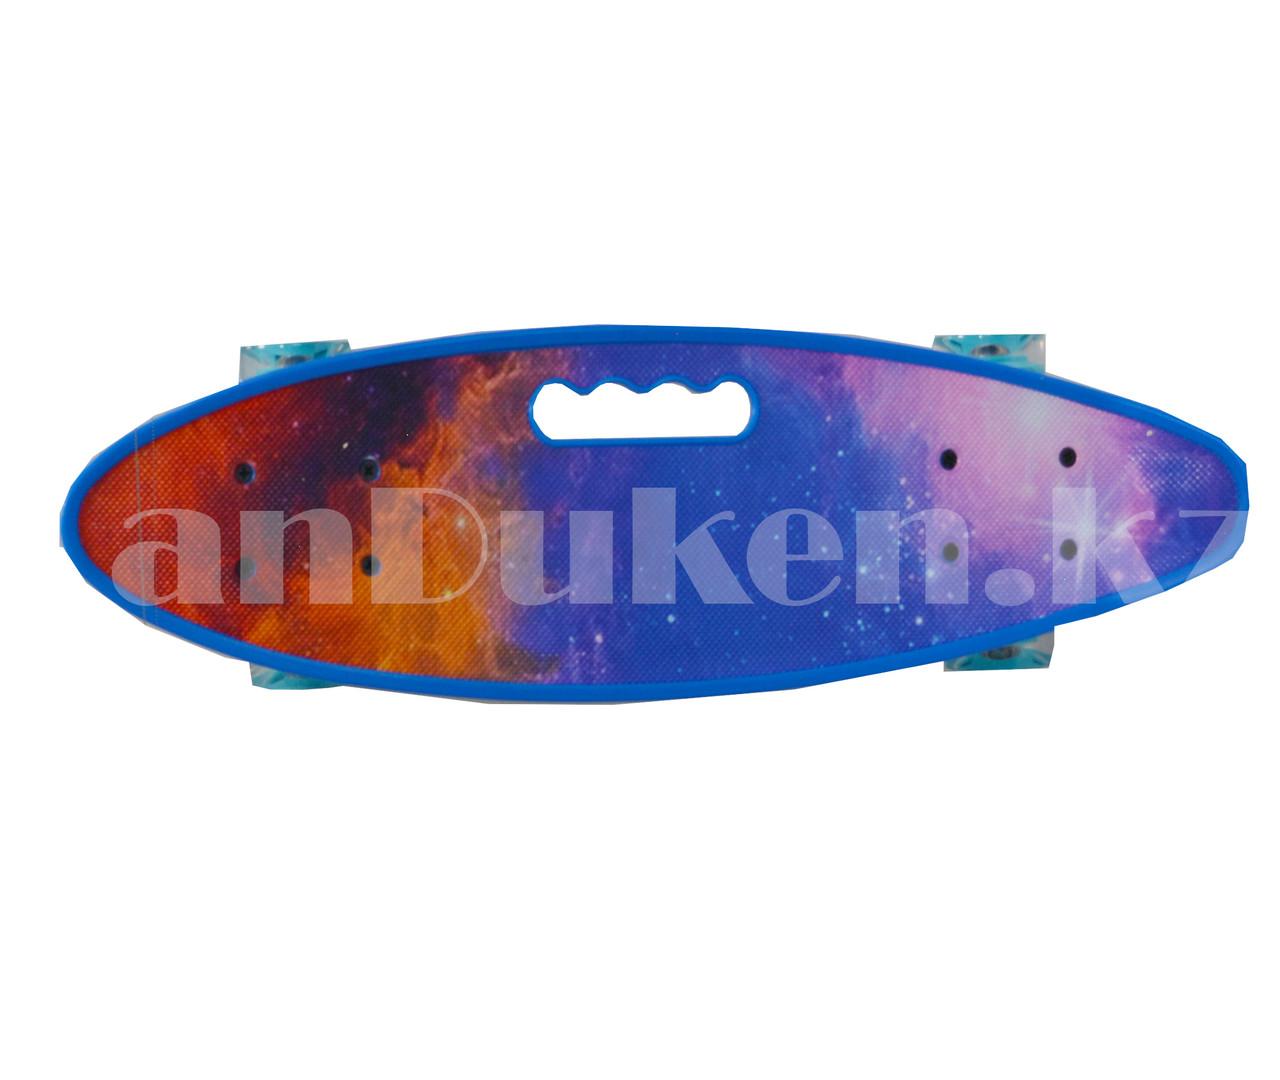 Лонгборд подростковый 59*16 Penny Board с ручкой и со светящимися колесами (пенни борд) Космос - фото 3